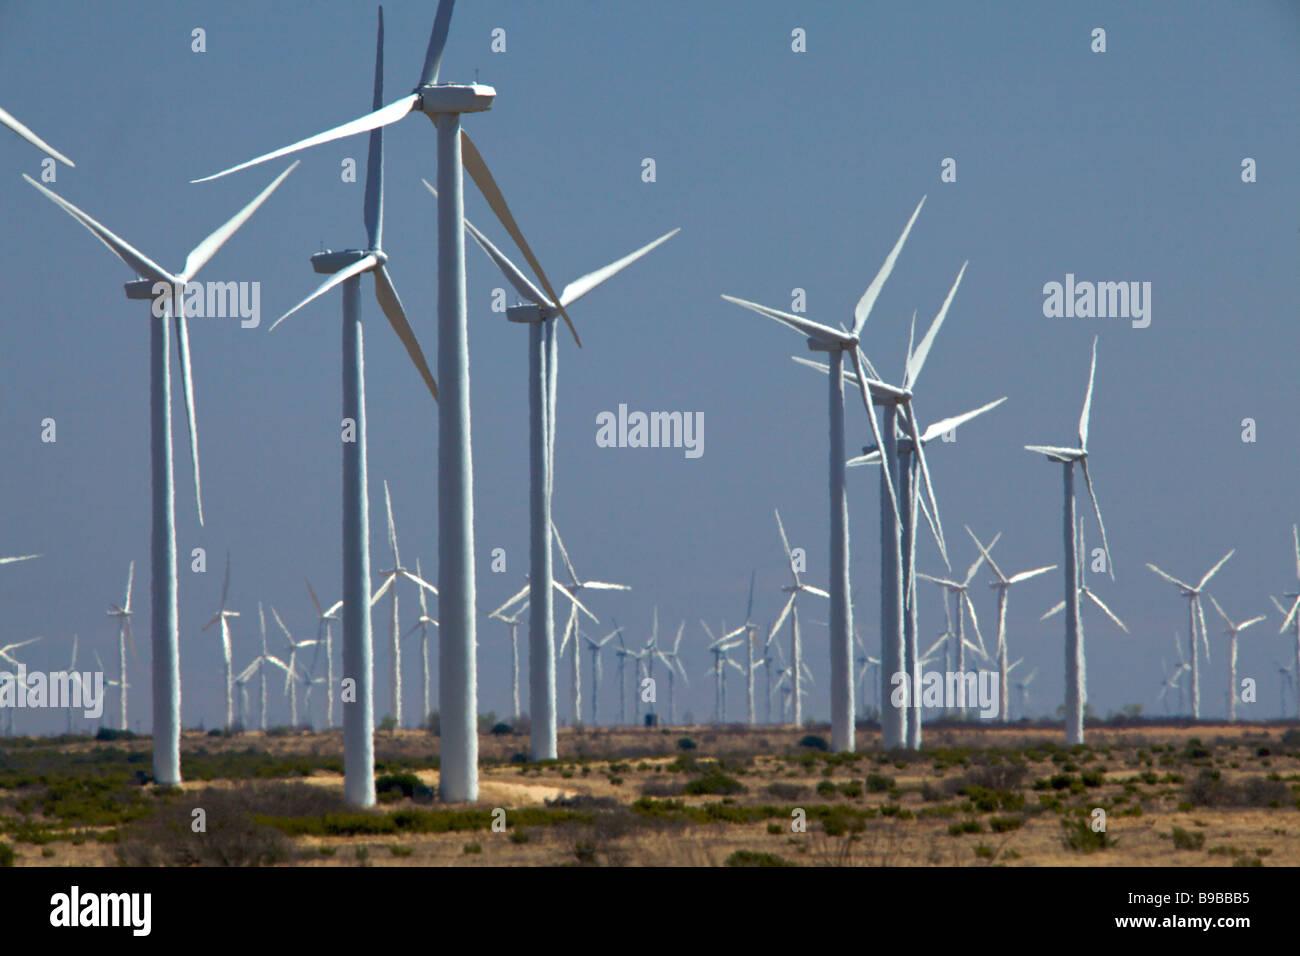 Windkraftanlagen zur Stromerzeugung an Horse Hollow Wind Farm Nolan Texas die weltweit größte Windkraft Stockbild